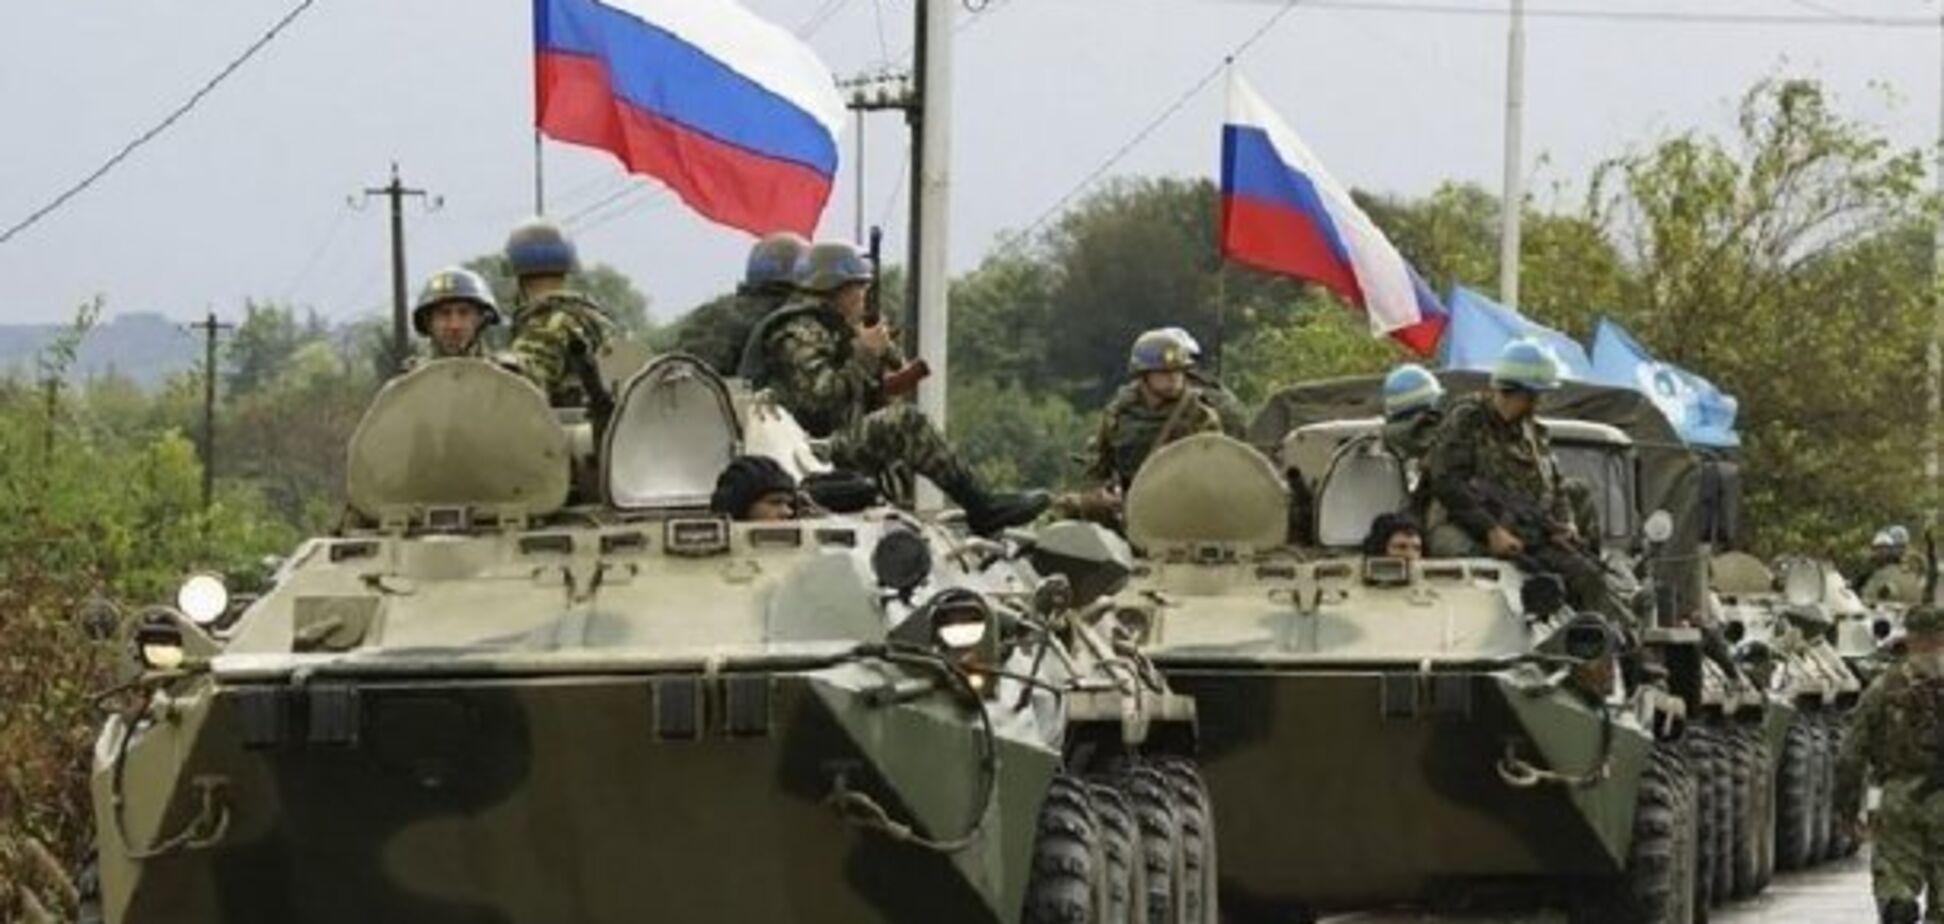 'Стал наглее': генерал КГБ объяснил, когда Путин захотел воевать в Украине